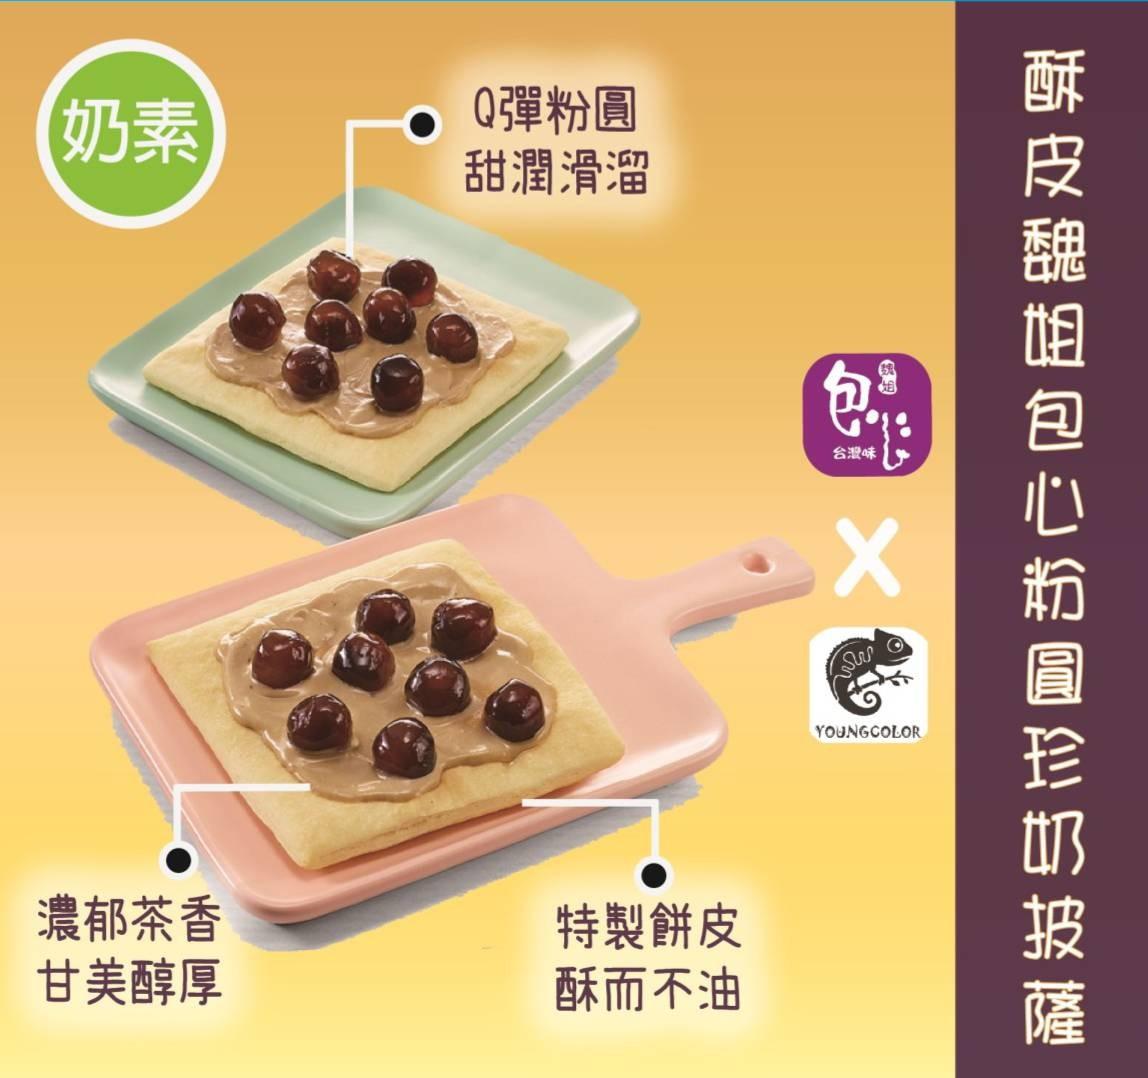 【洋卡龍】酥皮魏姐包心粉圓珍奶披薩 30入